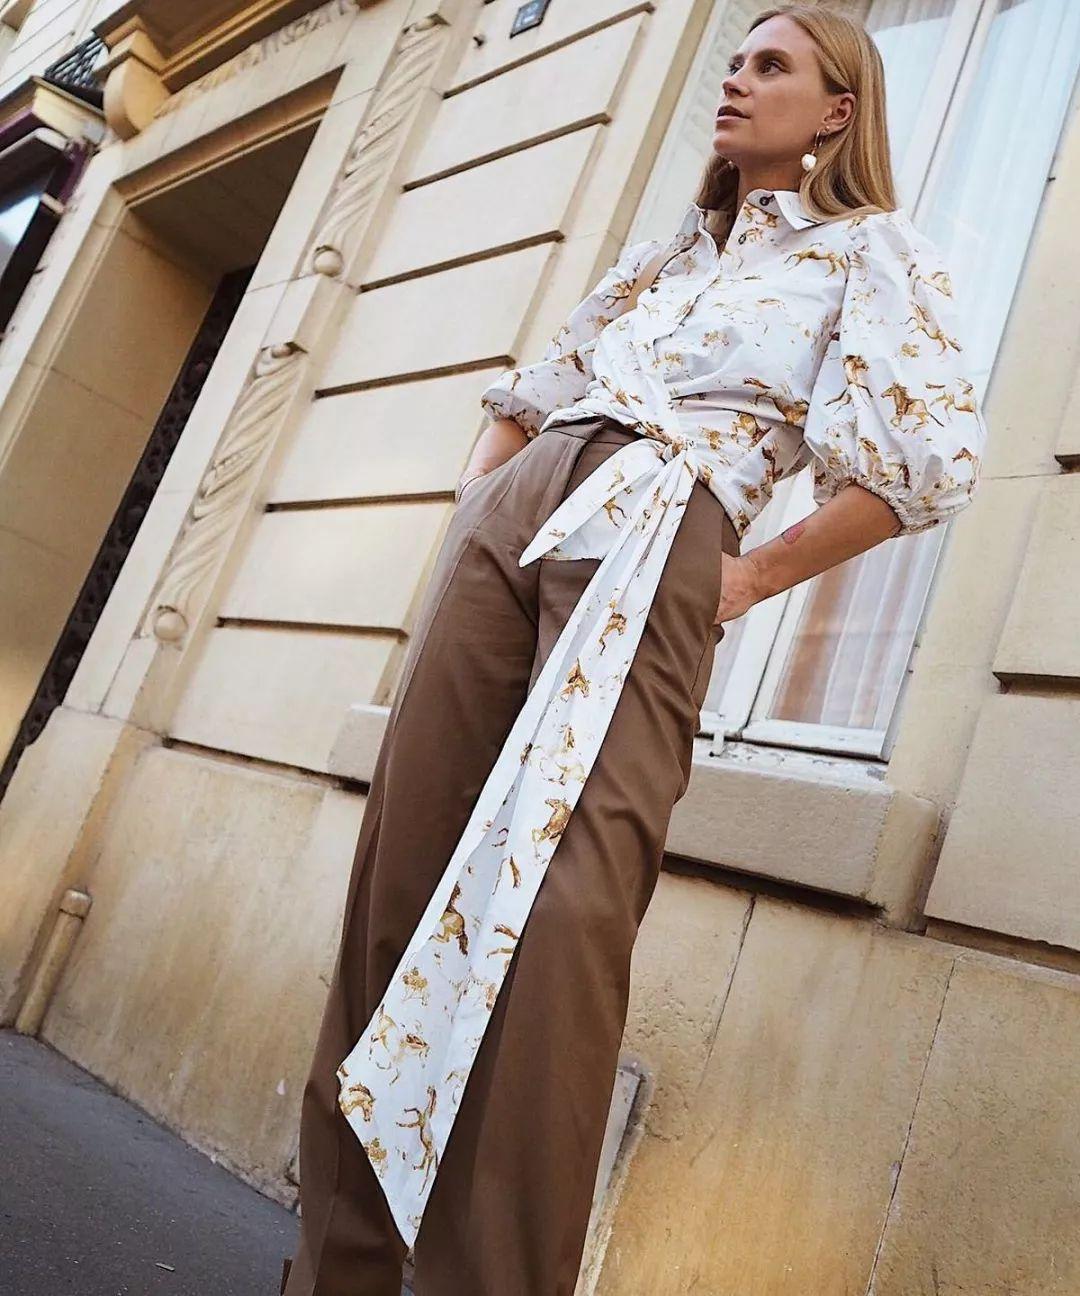 衬衫+奶奶裤,秋天超慵懒时髦风穿搭(图41)